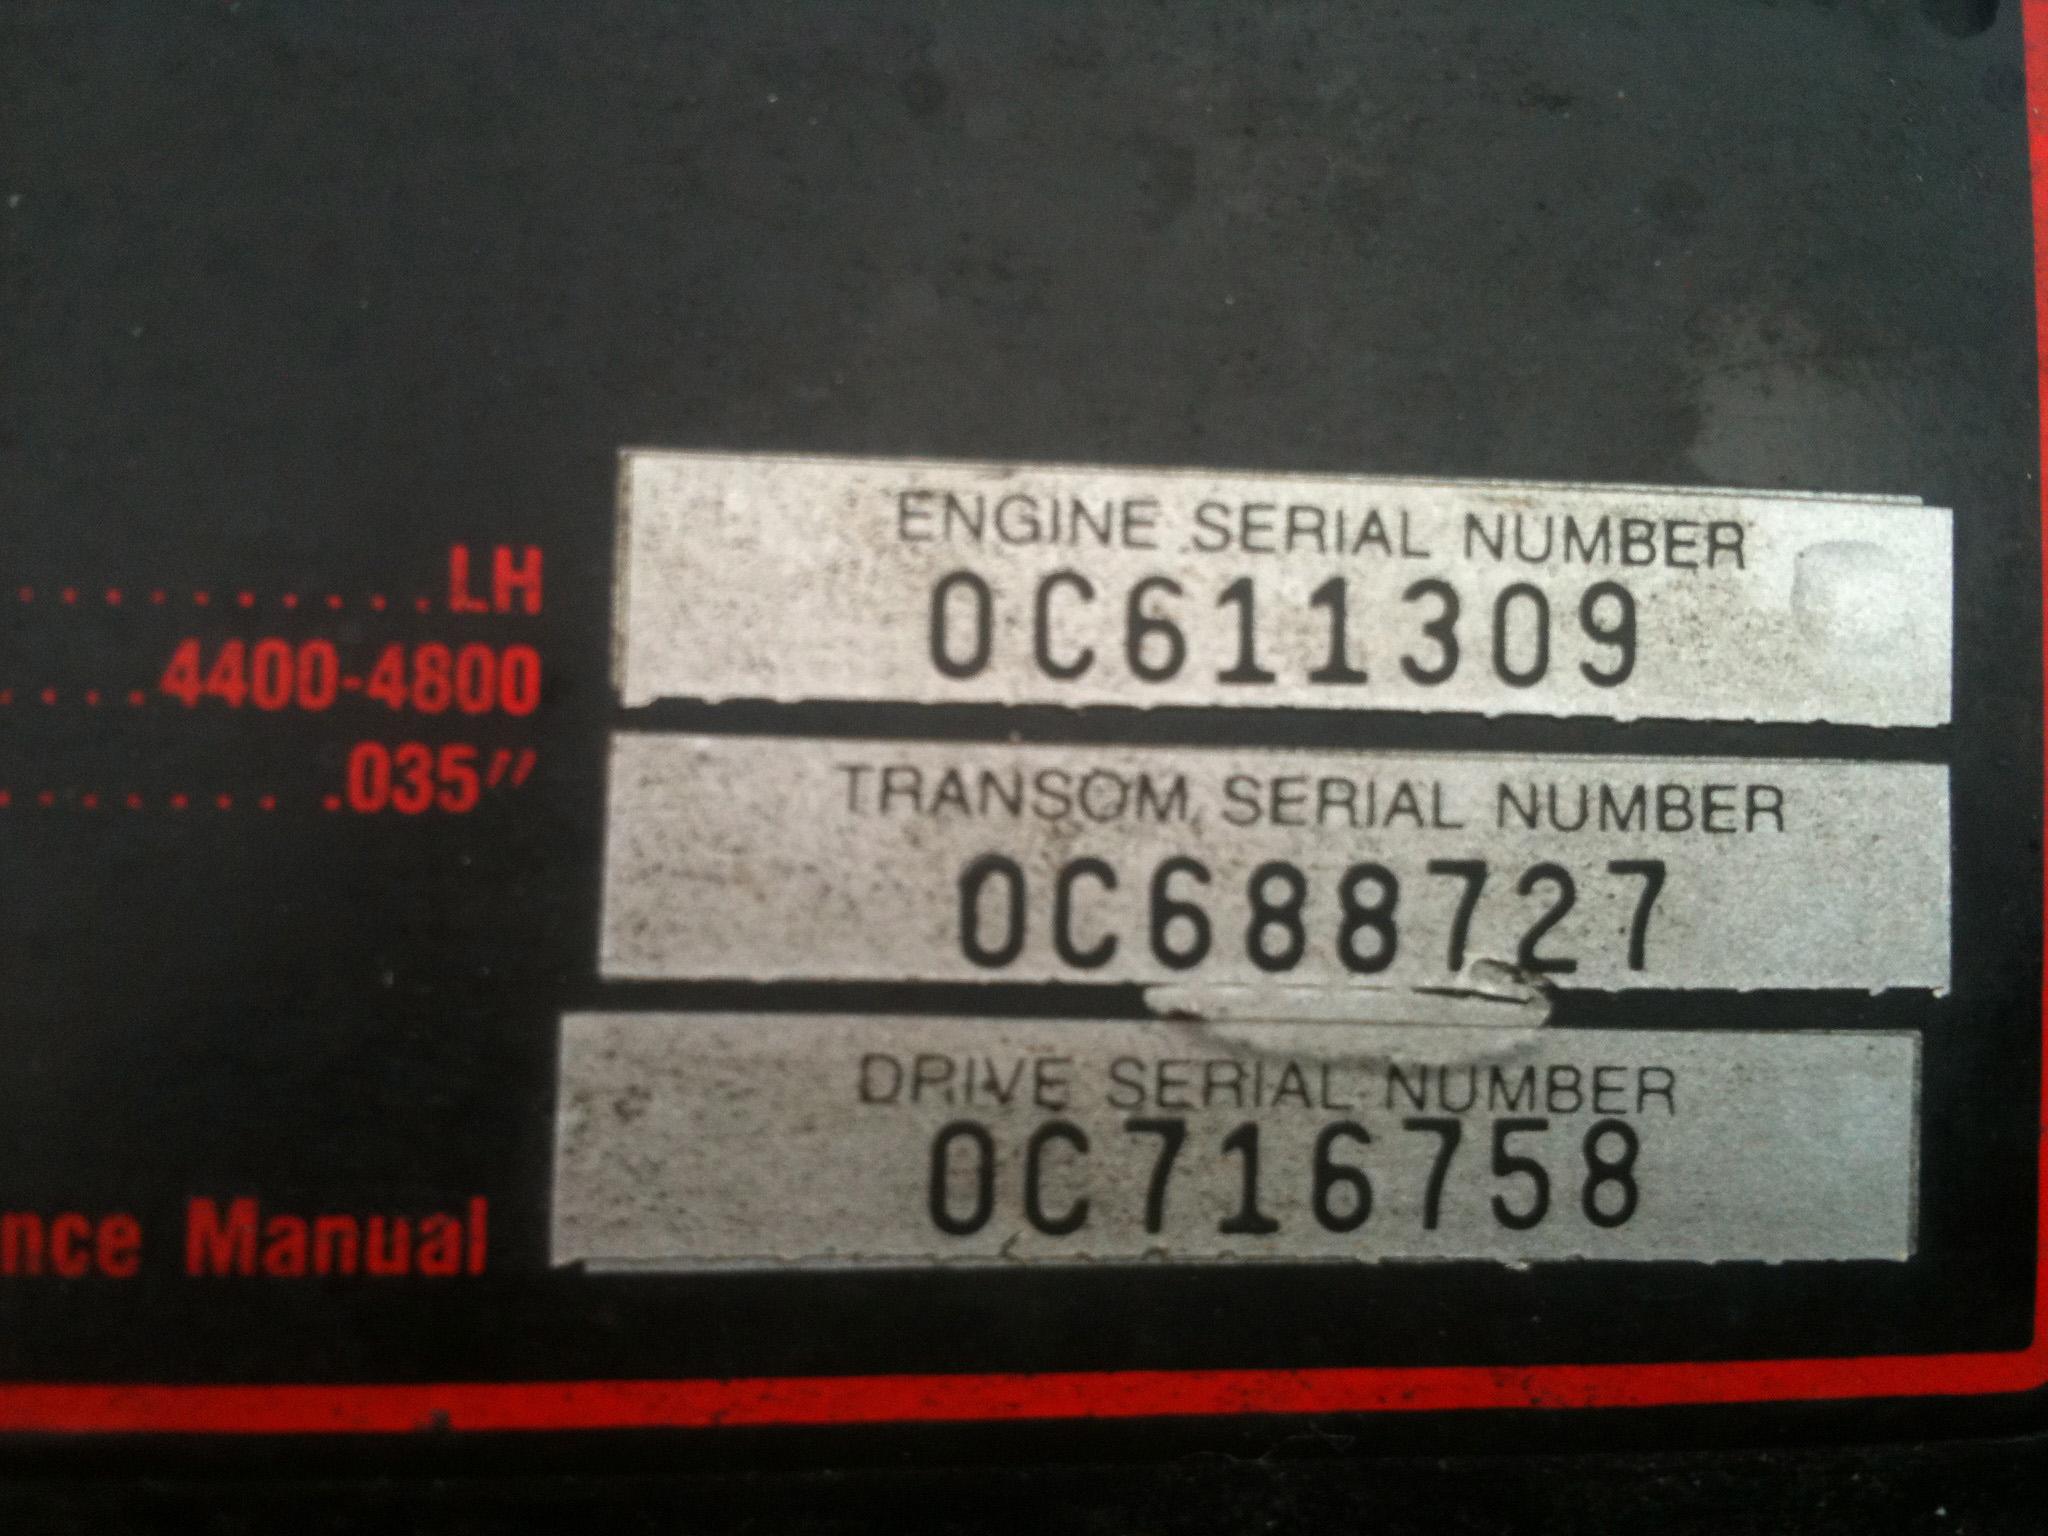 Serial number lookup